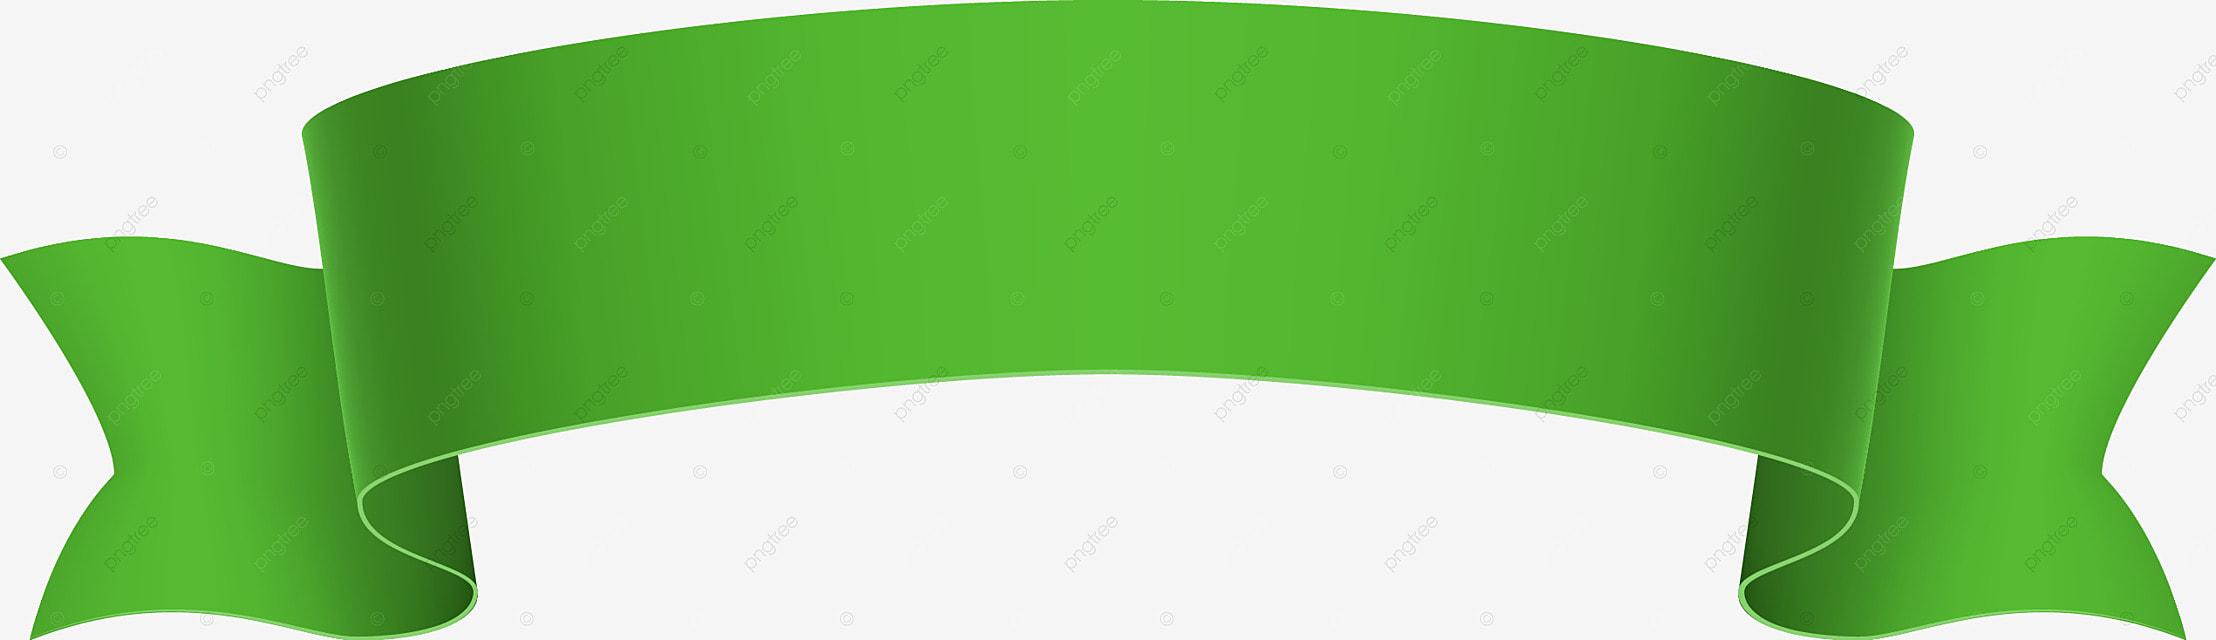 Imagem Vetorial Gratis Mapa Pinos Illustrator Titular: Vector De Etiqueta Verde Pintado A Mão Vector Pintados à